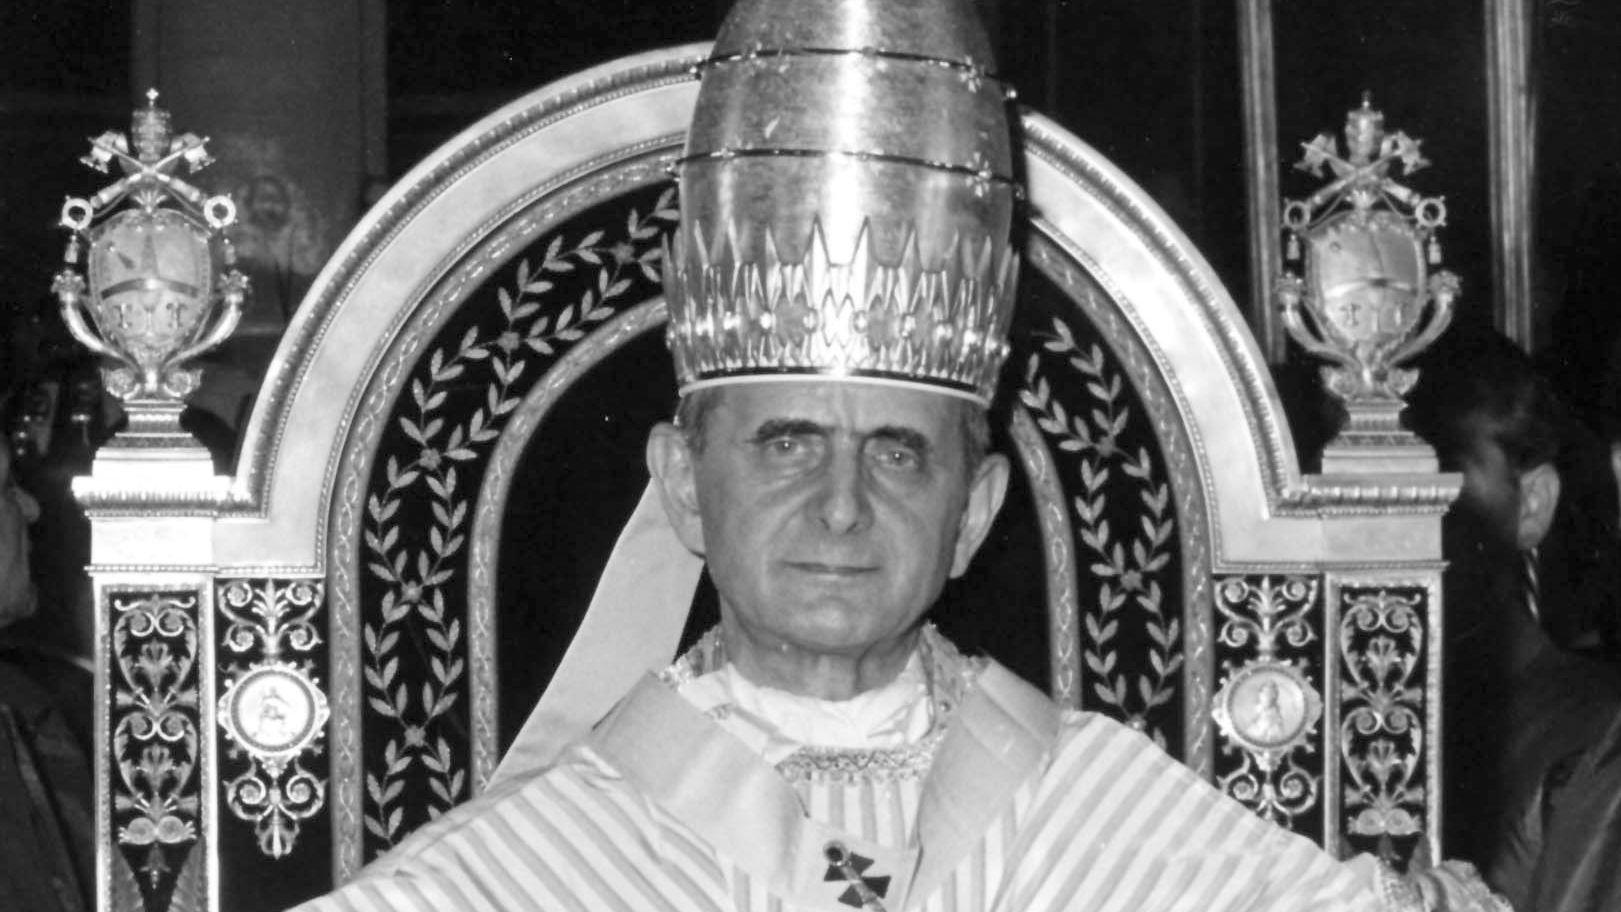 Papst Paul VI. auf seinem Thron